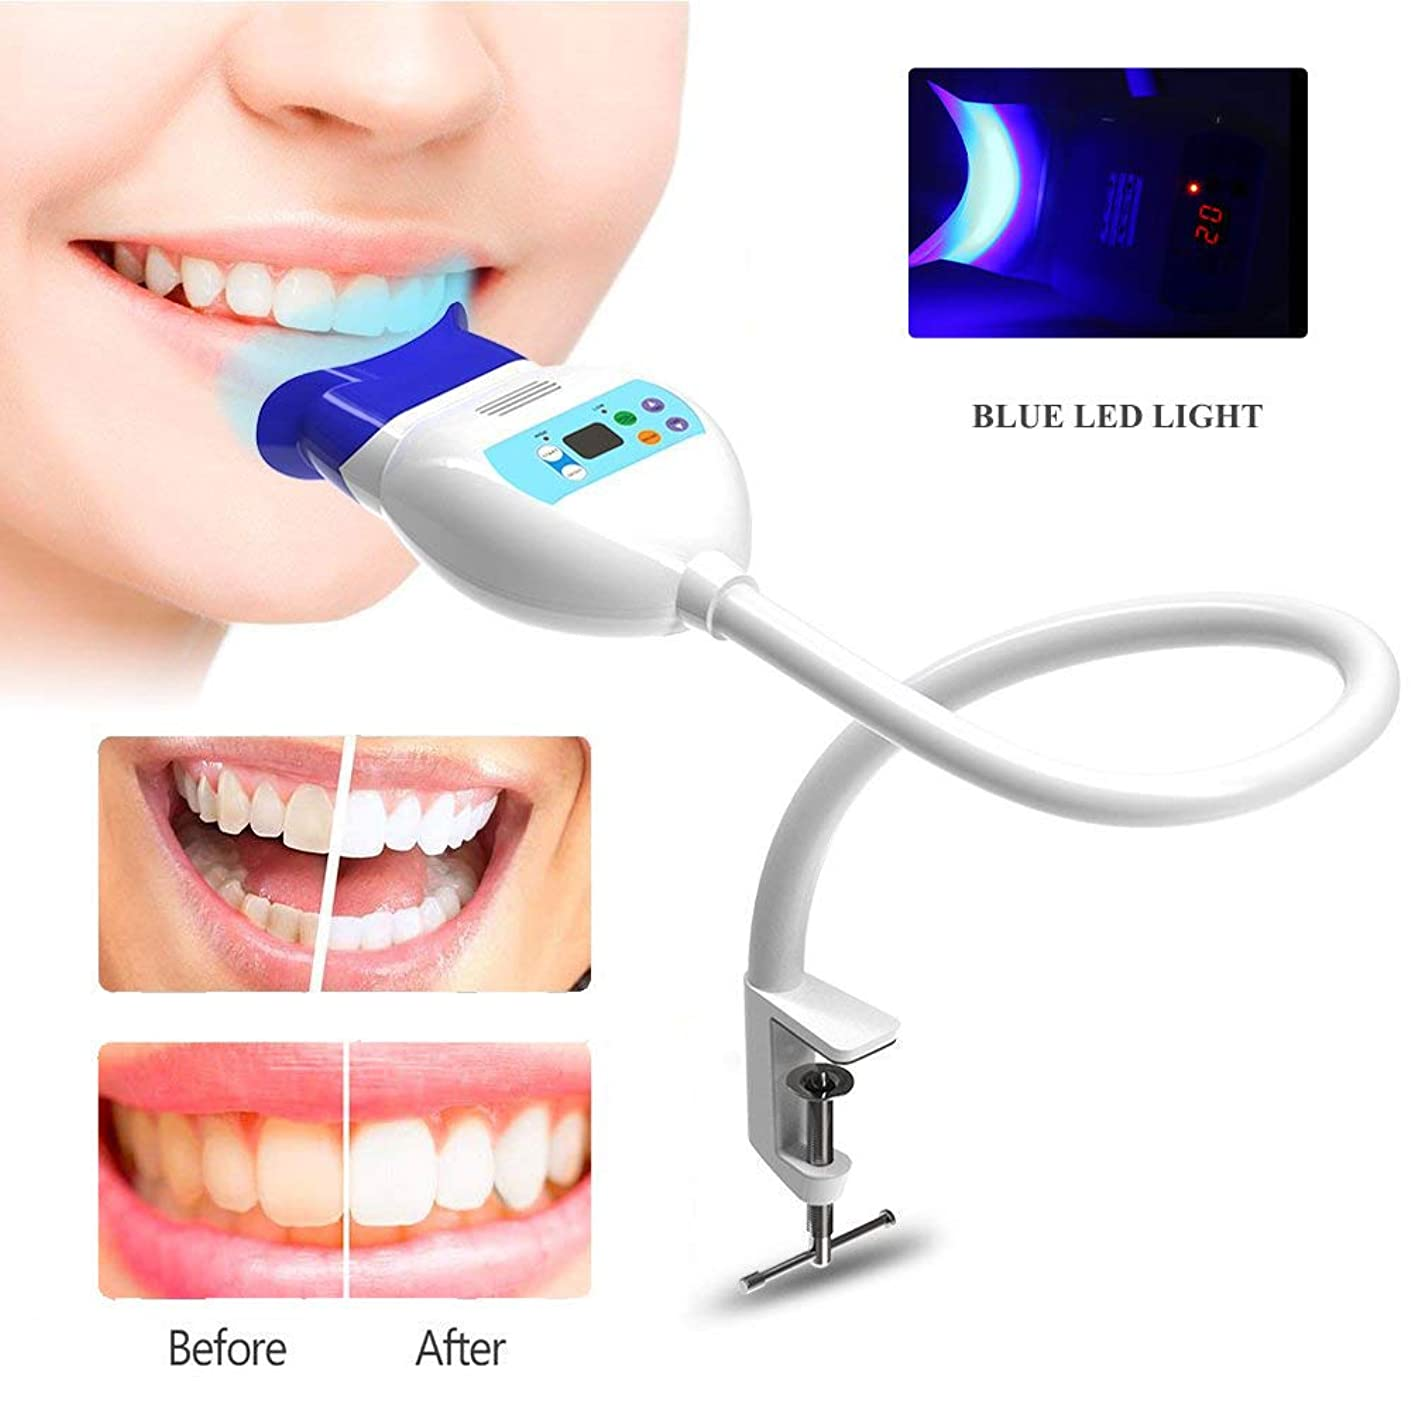 虫を数える力みすぼらしいホームオフィスの使用のための卓上スタンド歯科漂白システムで握っているLEDの青い冷光の歯のホワイトナー装置を白くする歯